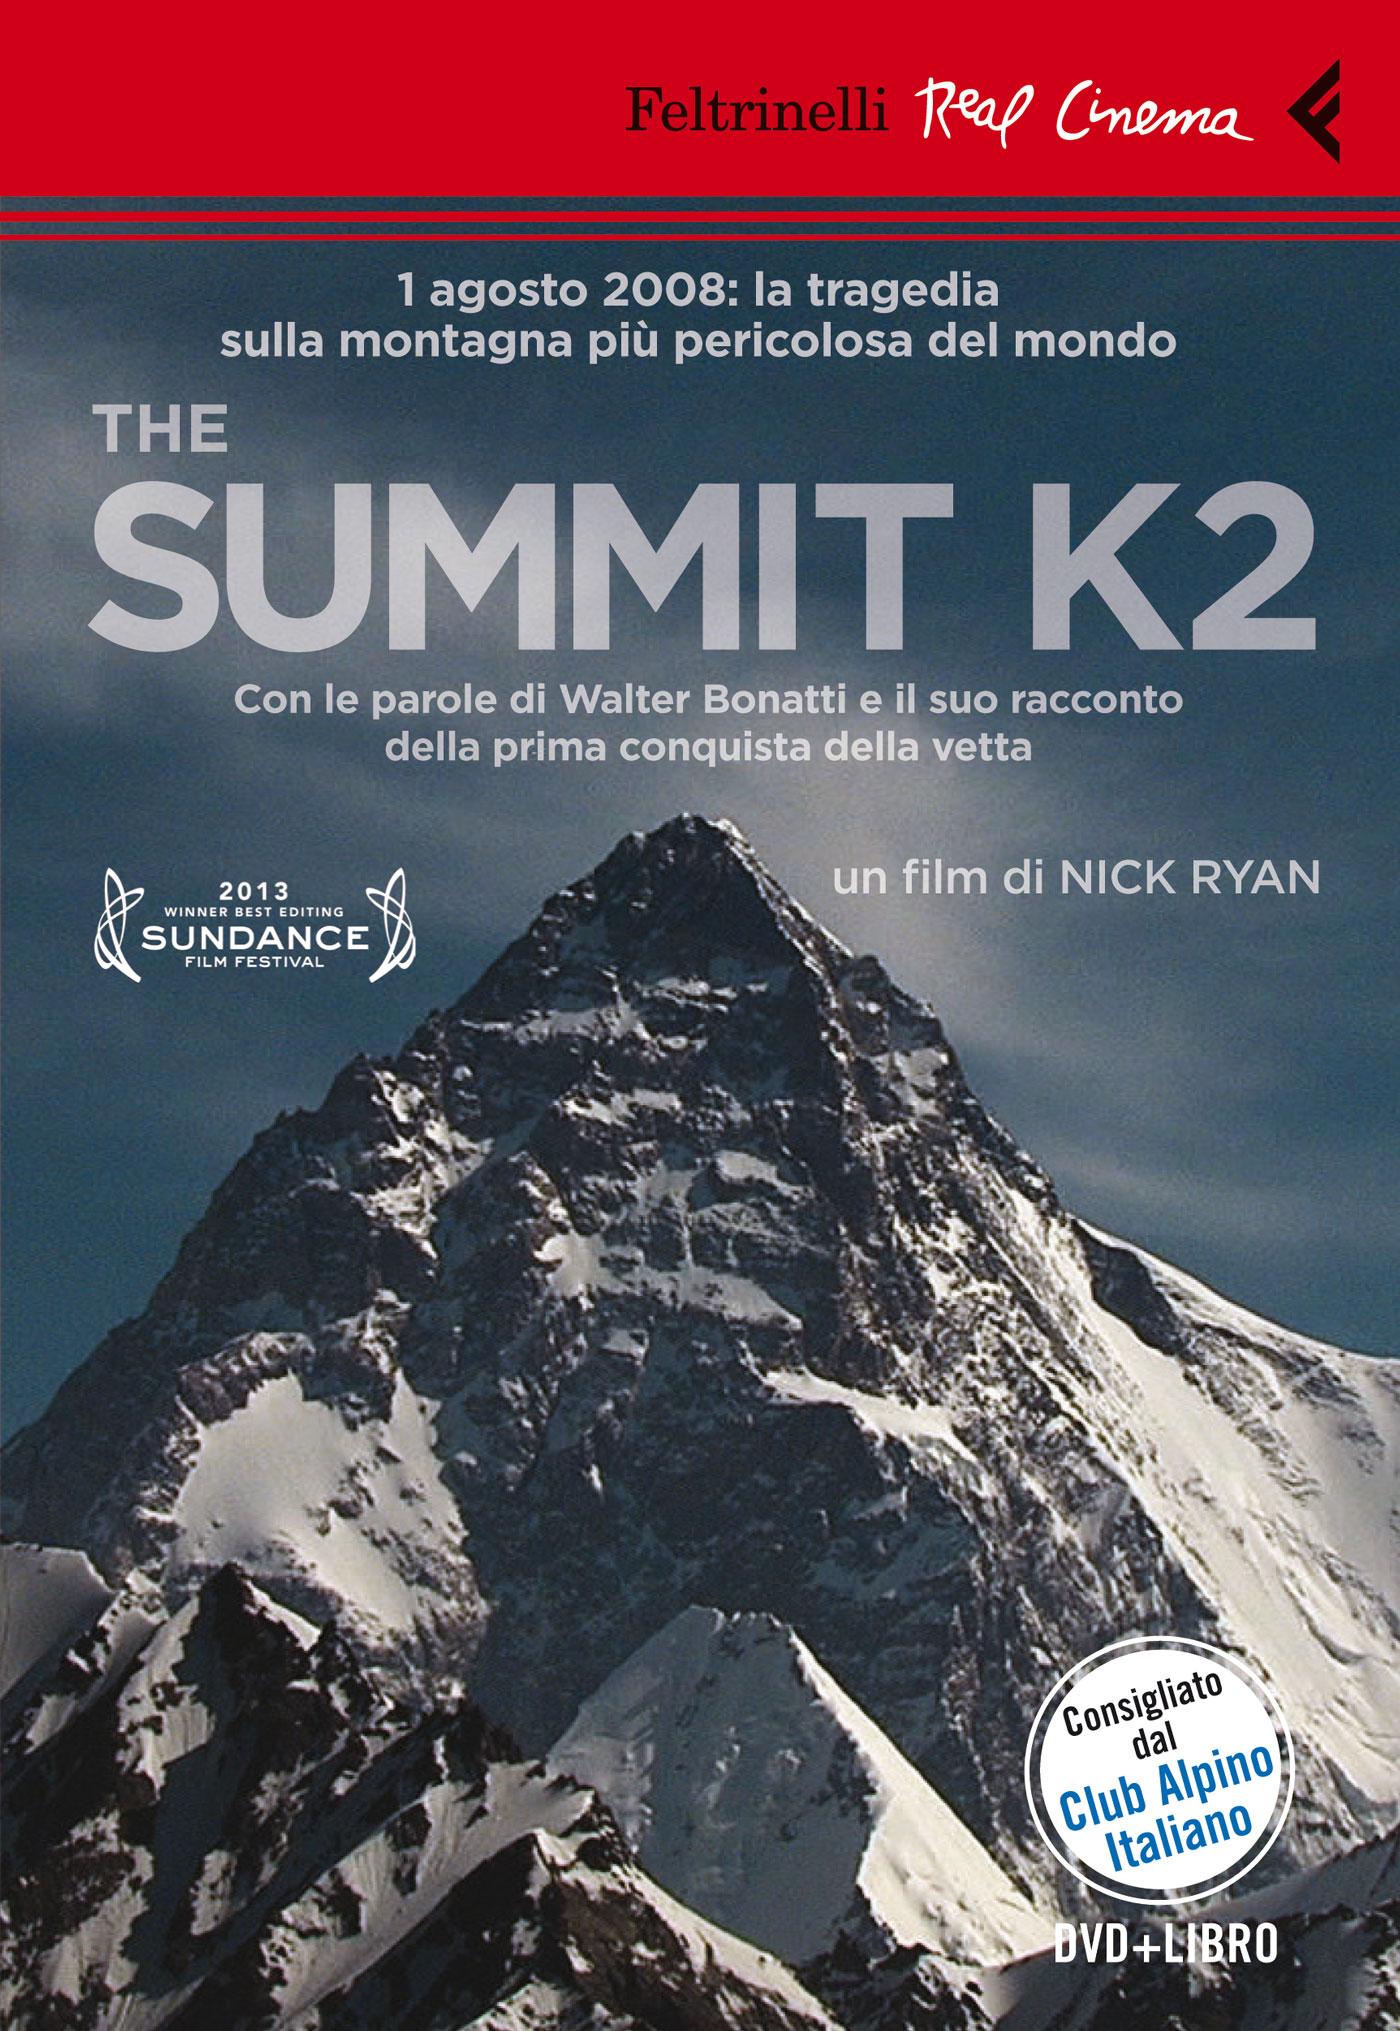 Risultati immagini per The summit K2